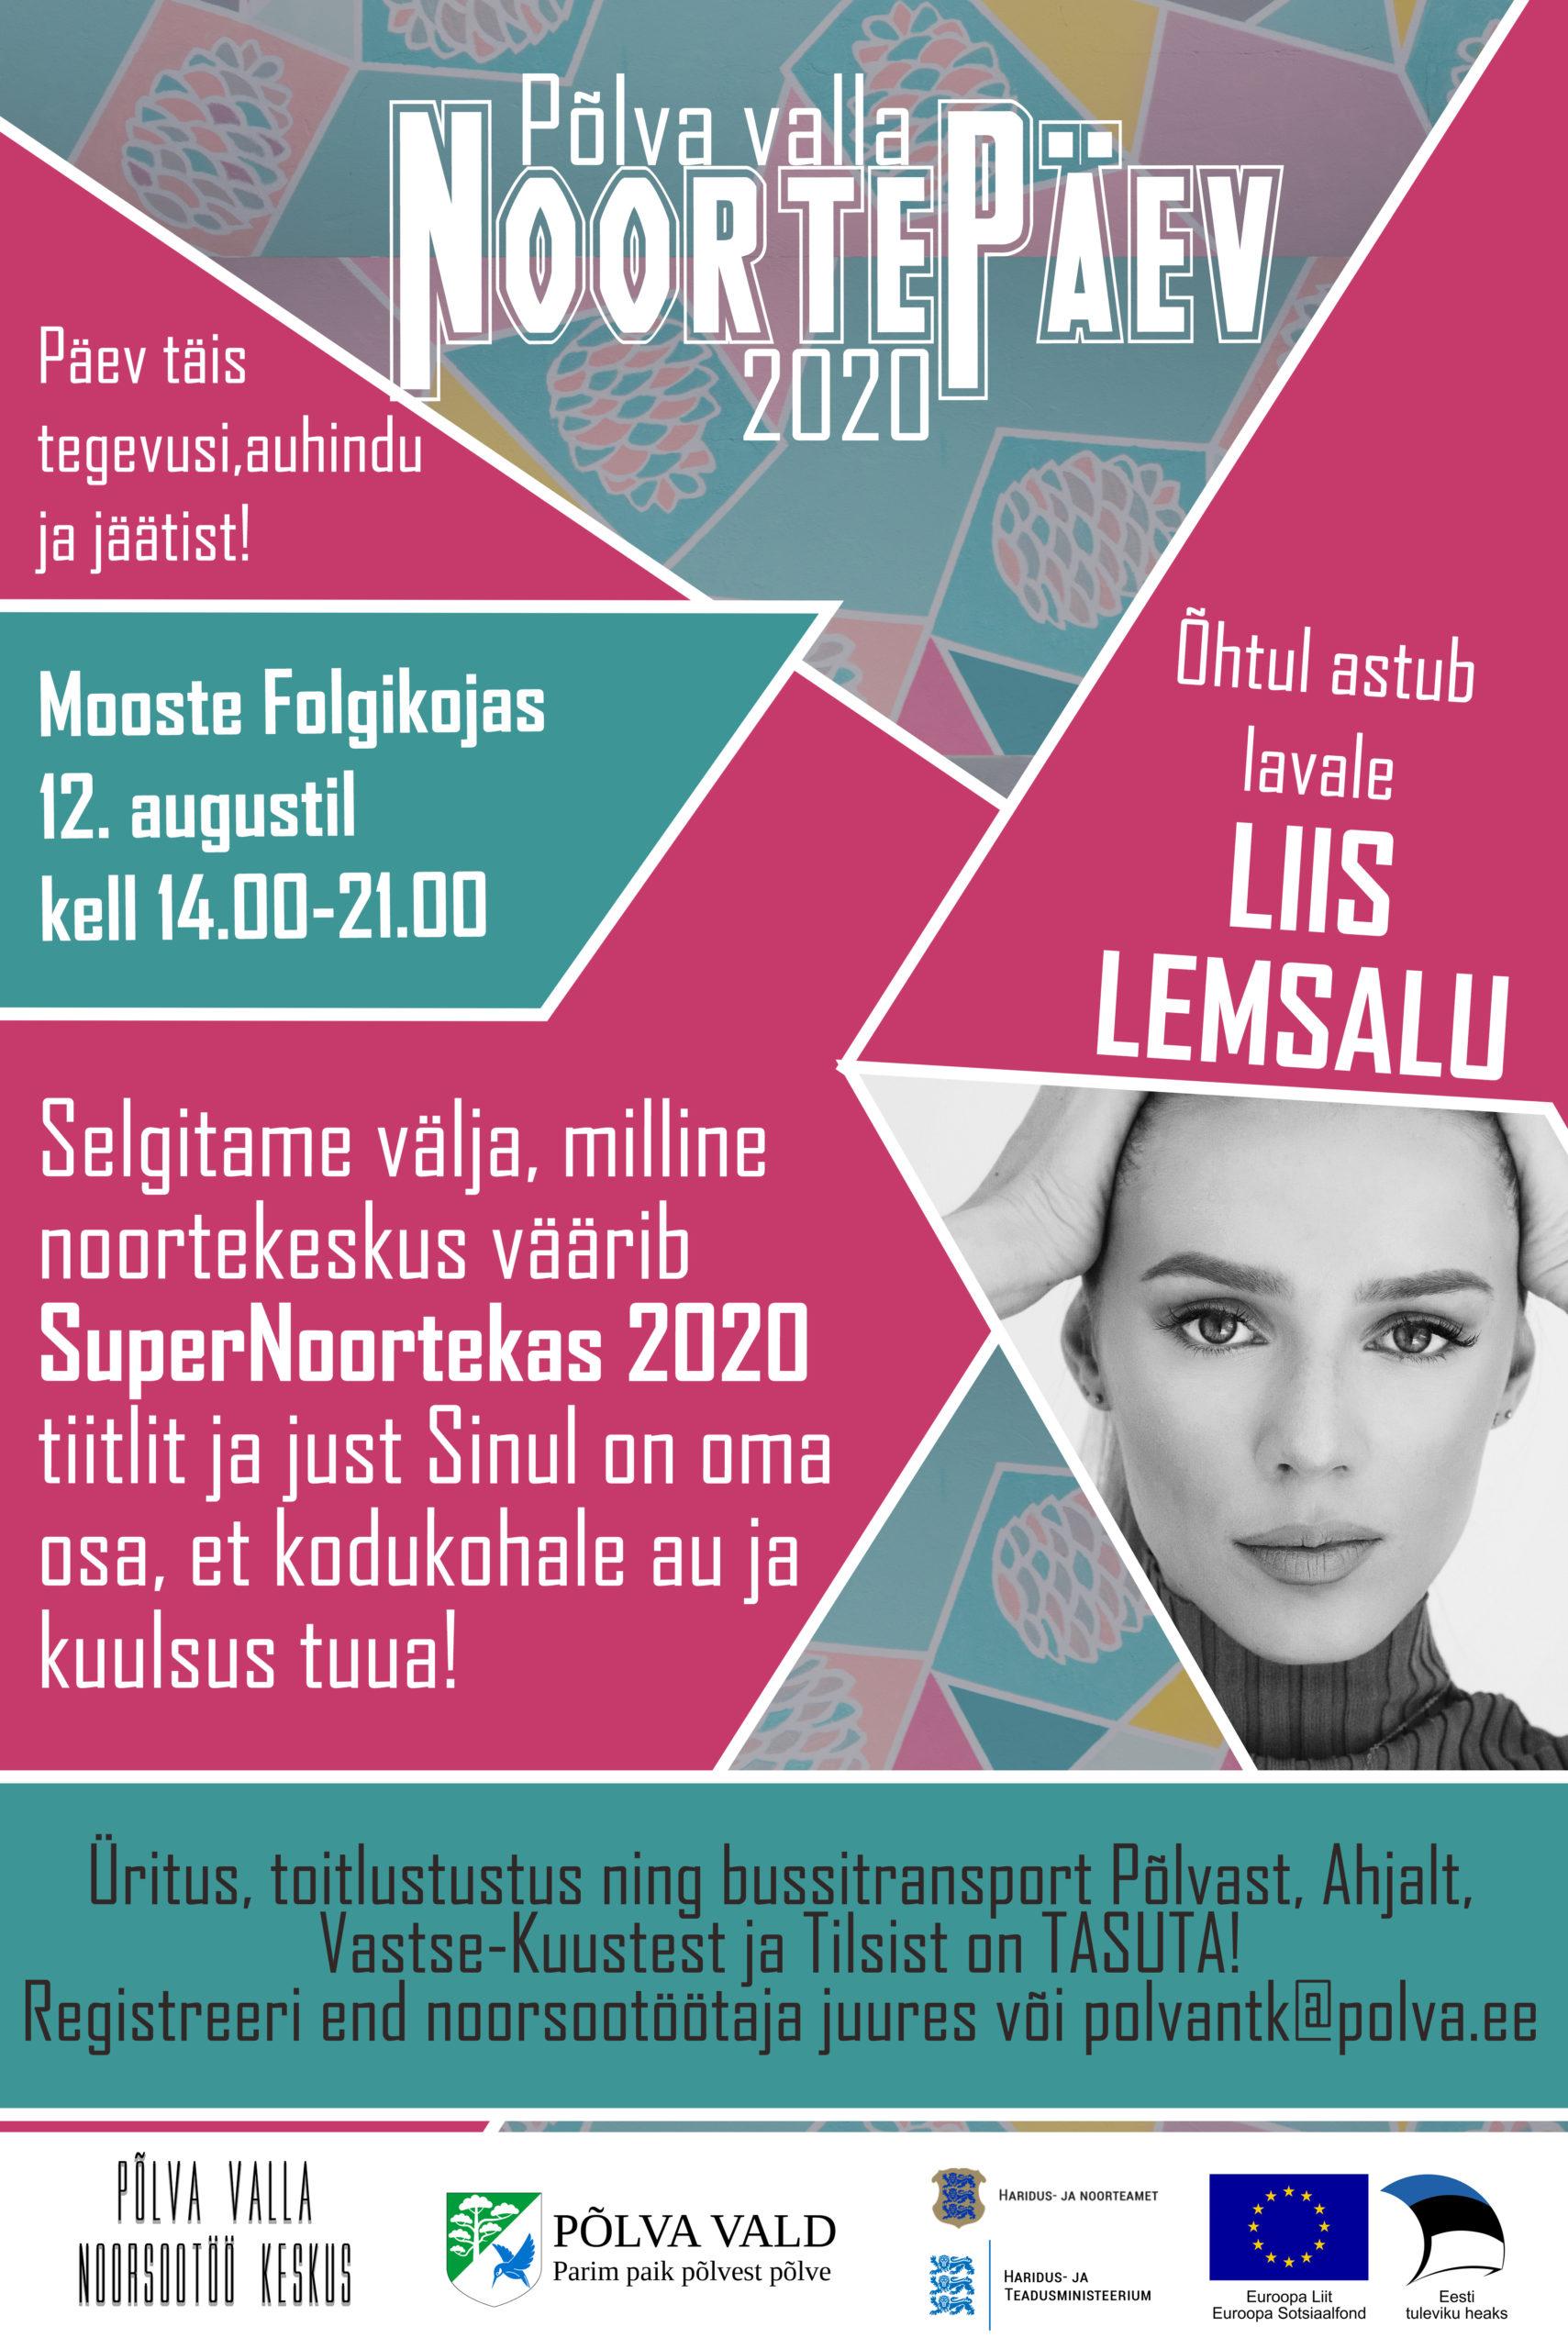 Põva valla noortepäev 2020